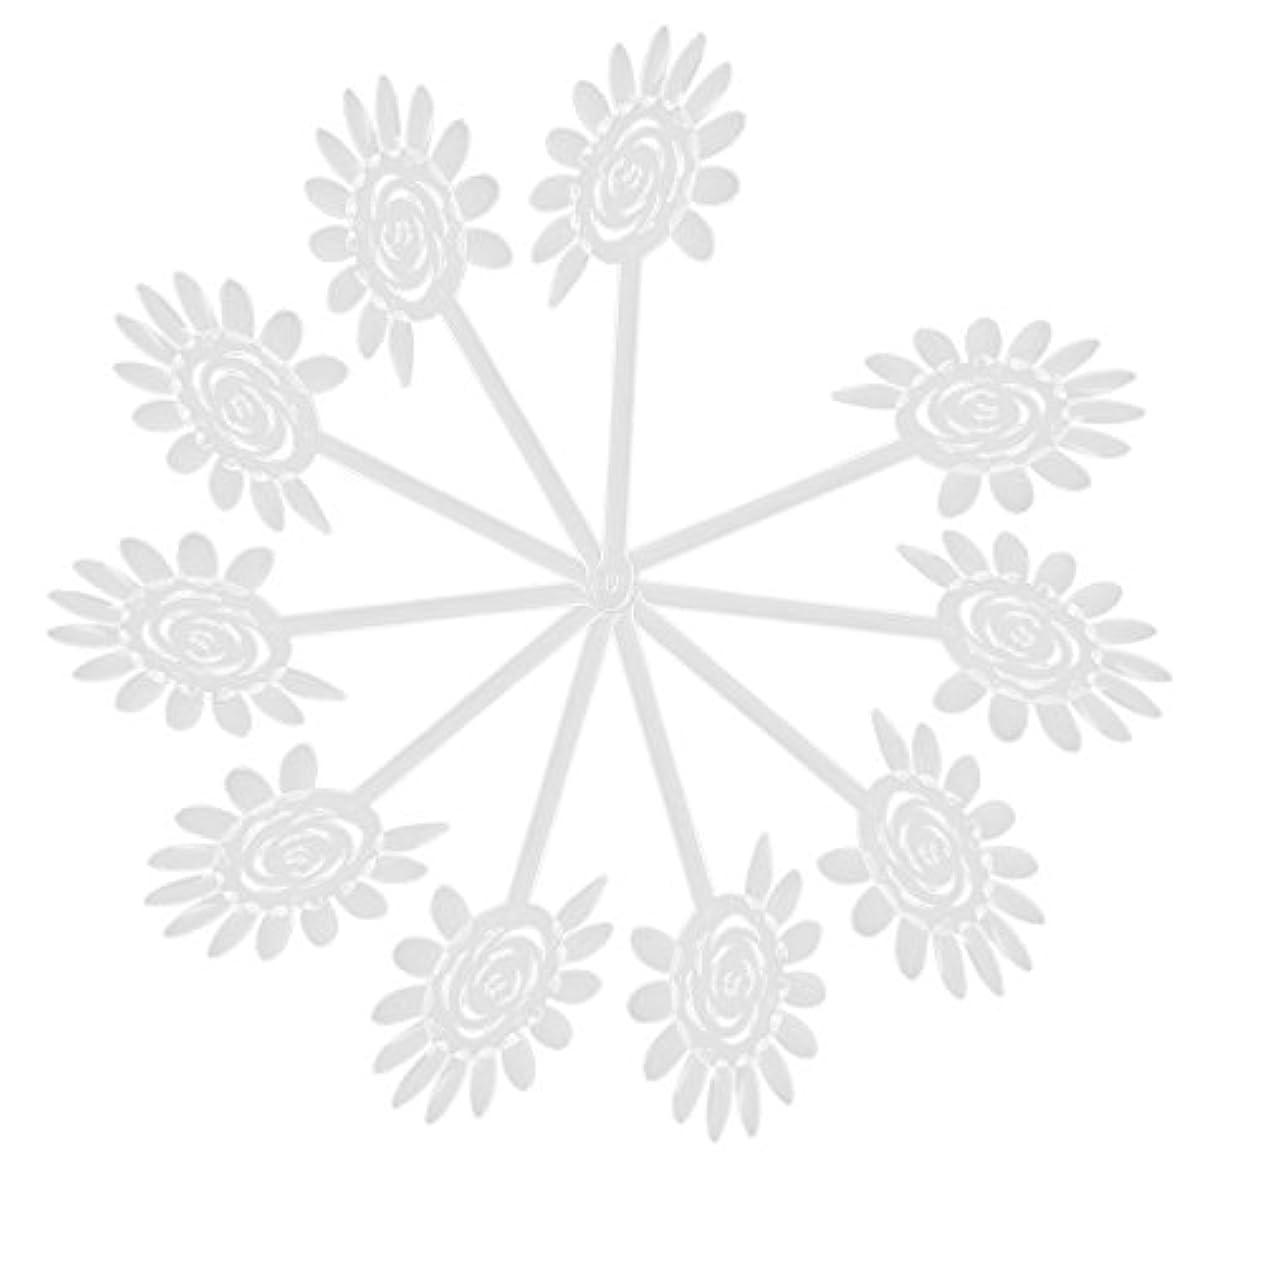 擬人当社世界RETYLY RETYLY(R)10Xアクリル透明ネイルアートチップディスプレイファンカードプレート ネイルDIYツール